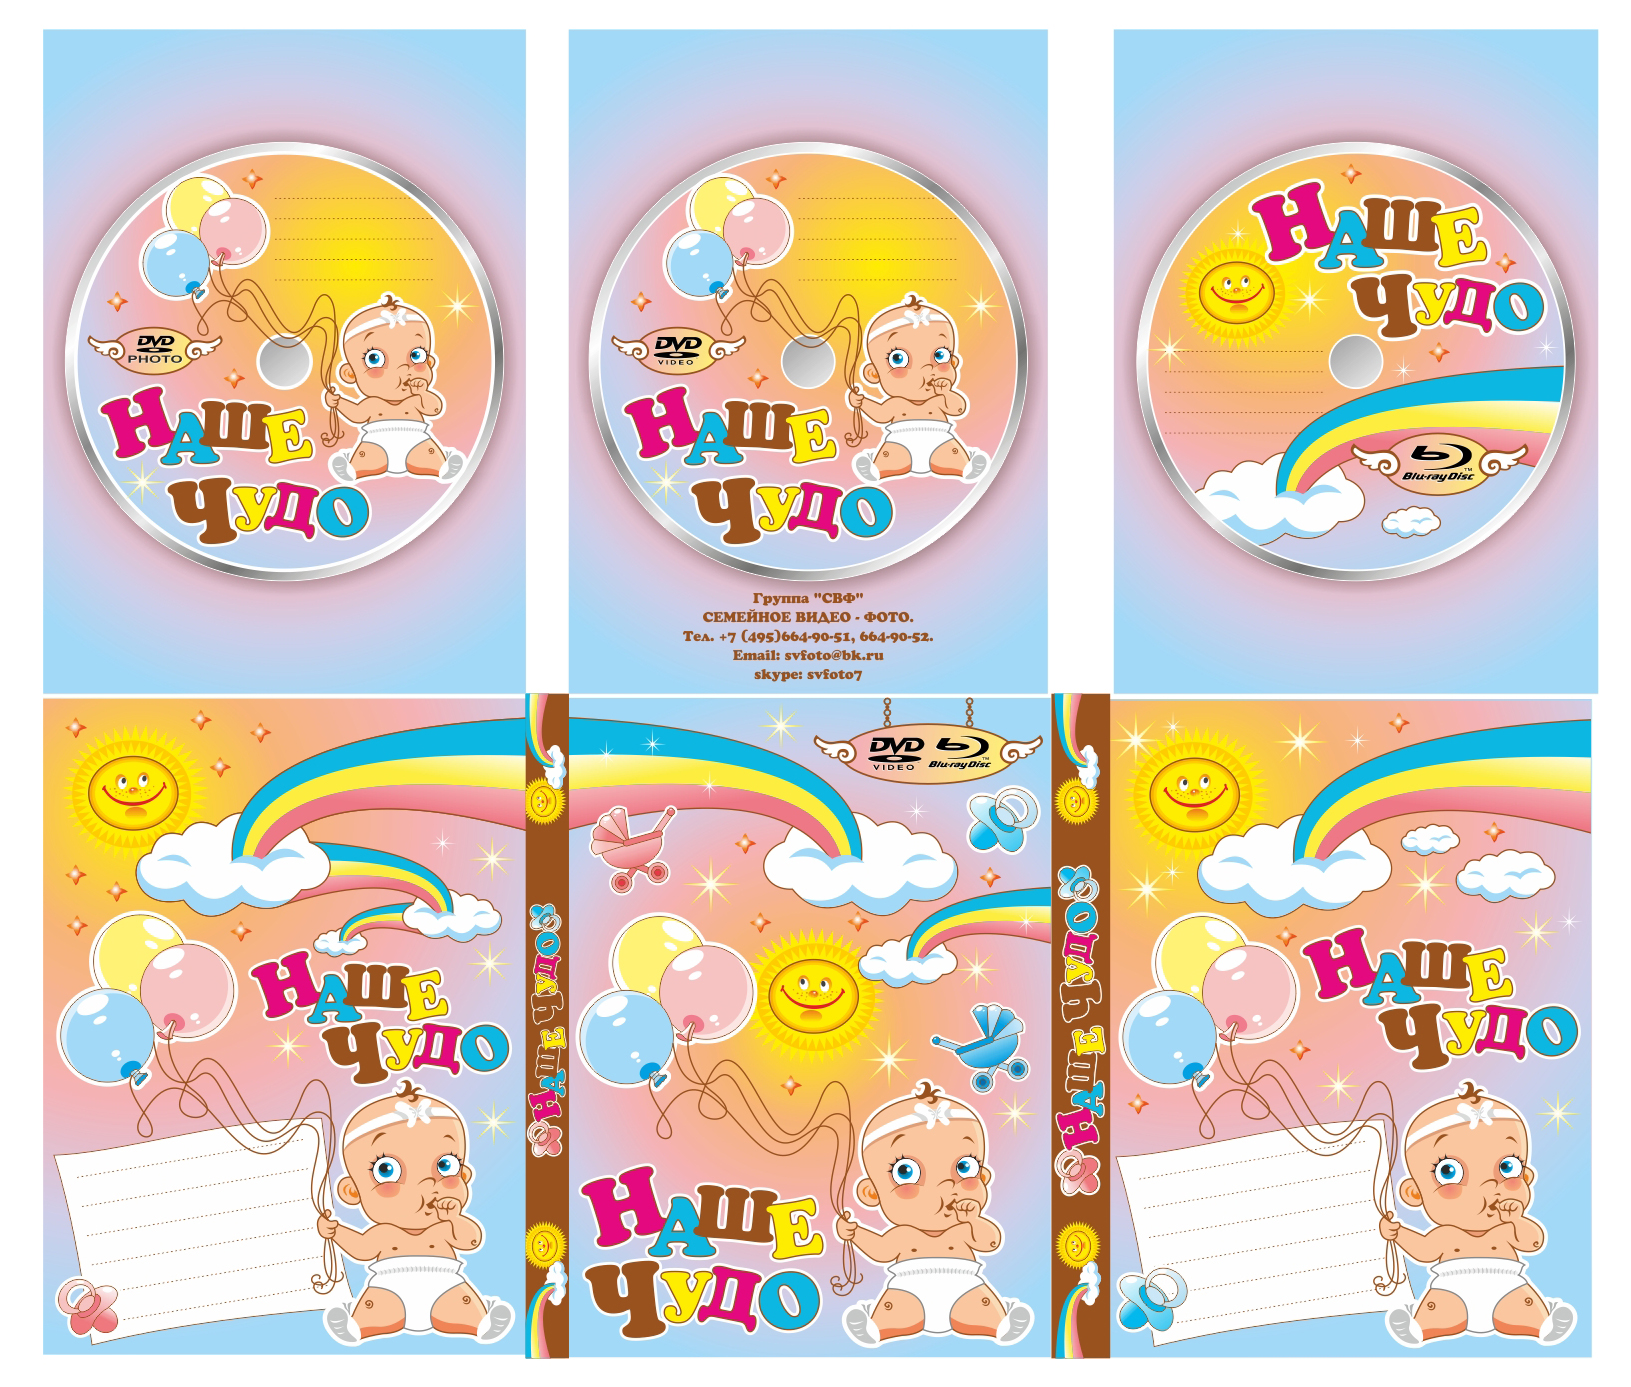 Диски для детского видео и упаковка для них (работа с UNIPRES)